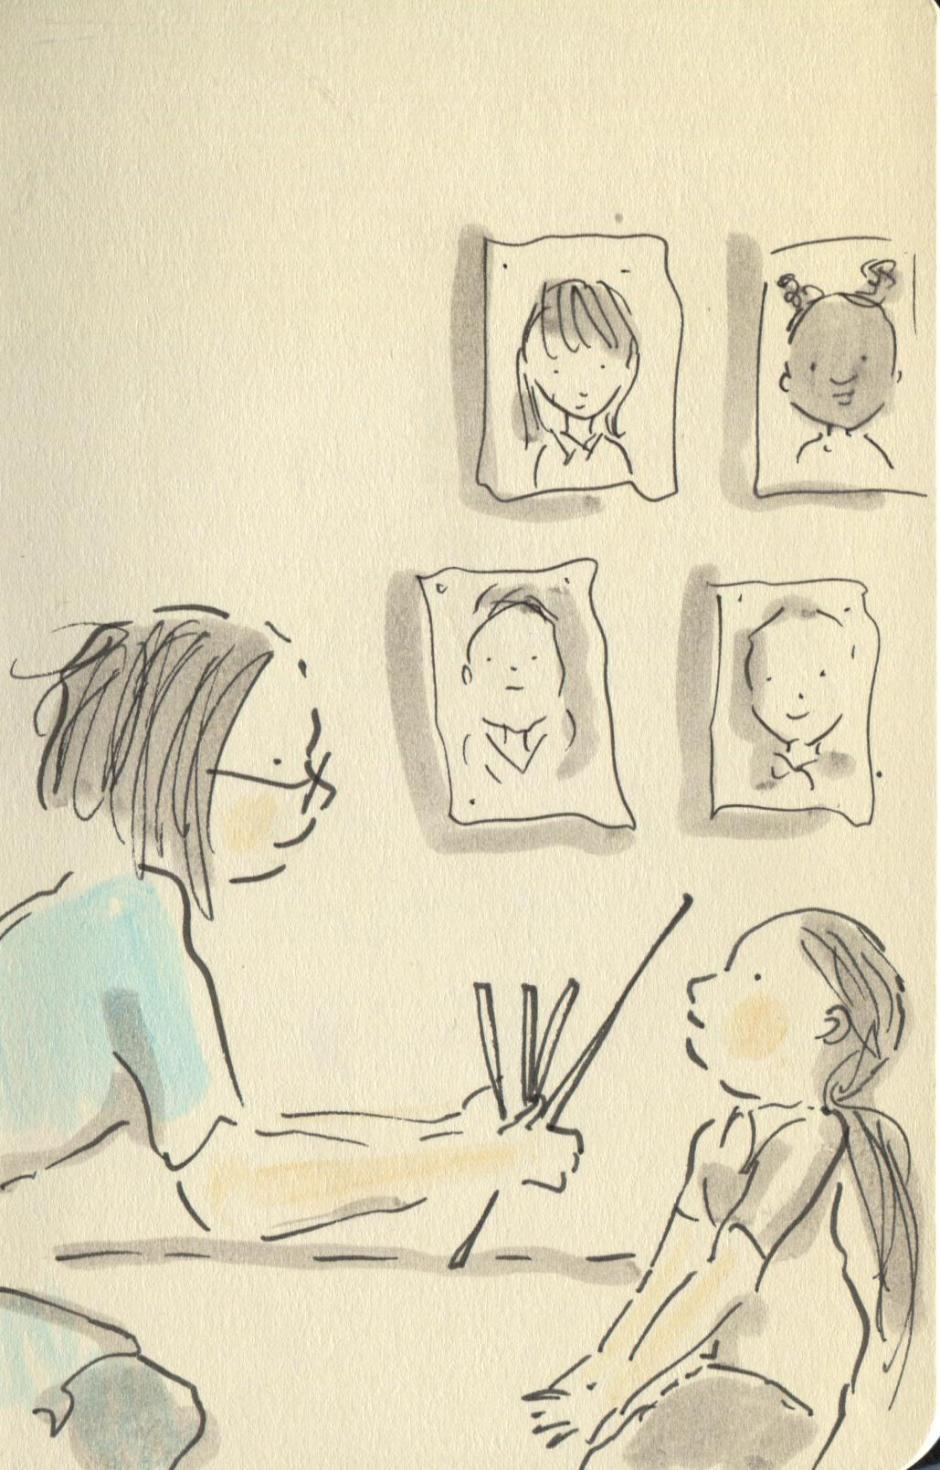 smile for the sketchbook